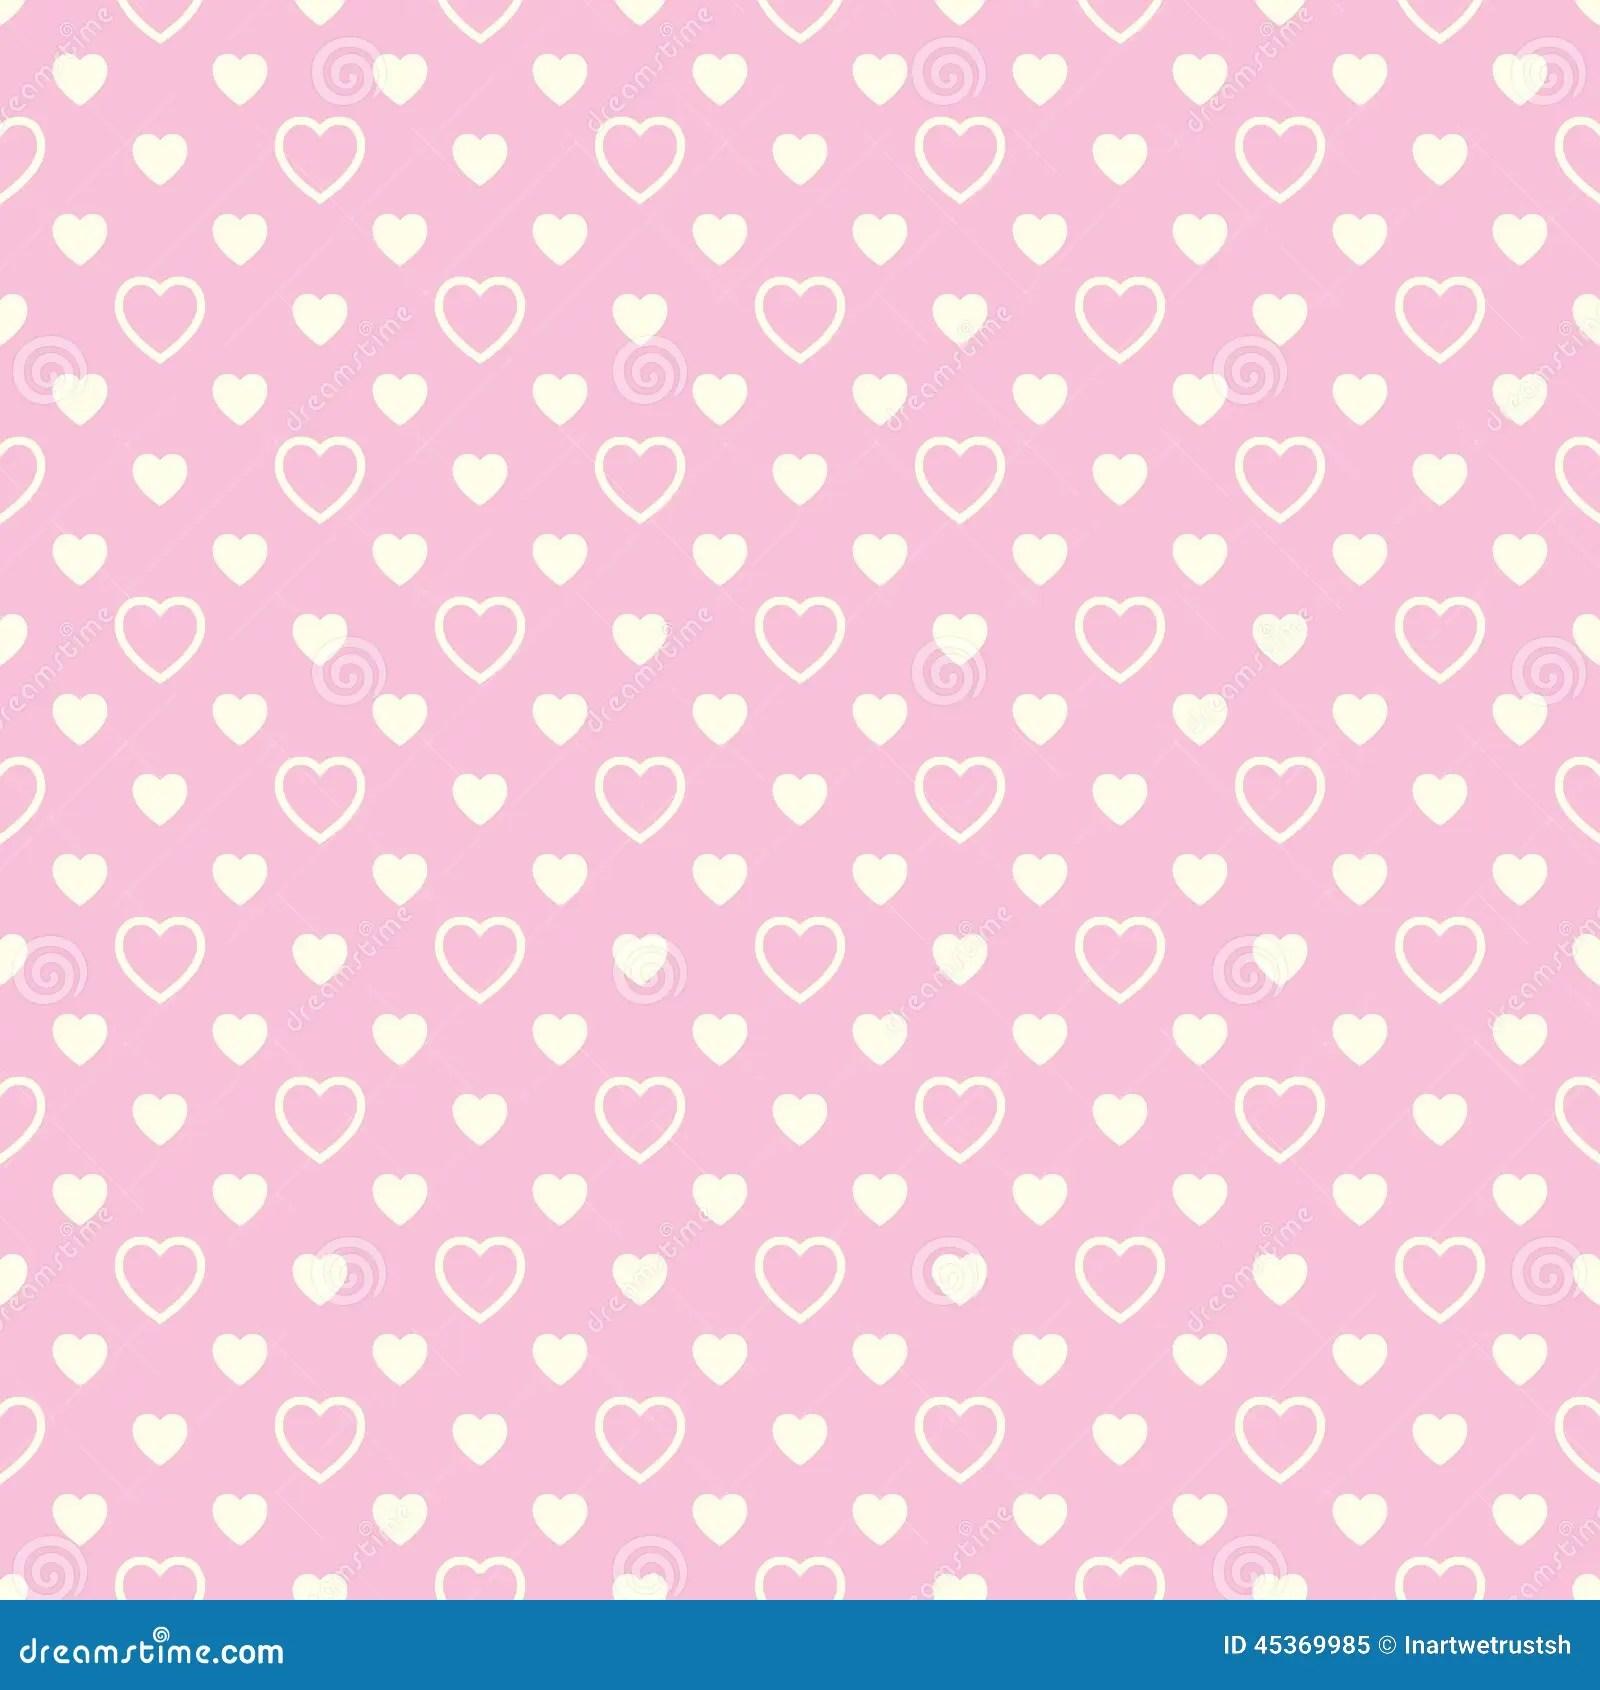 Wallpapers 3d Hello Kitty Gratis Naadloos Patroon Met Beige Harten Op Roze Achtergrond